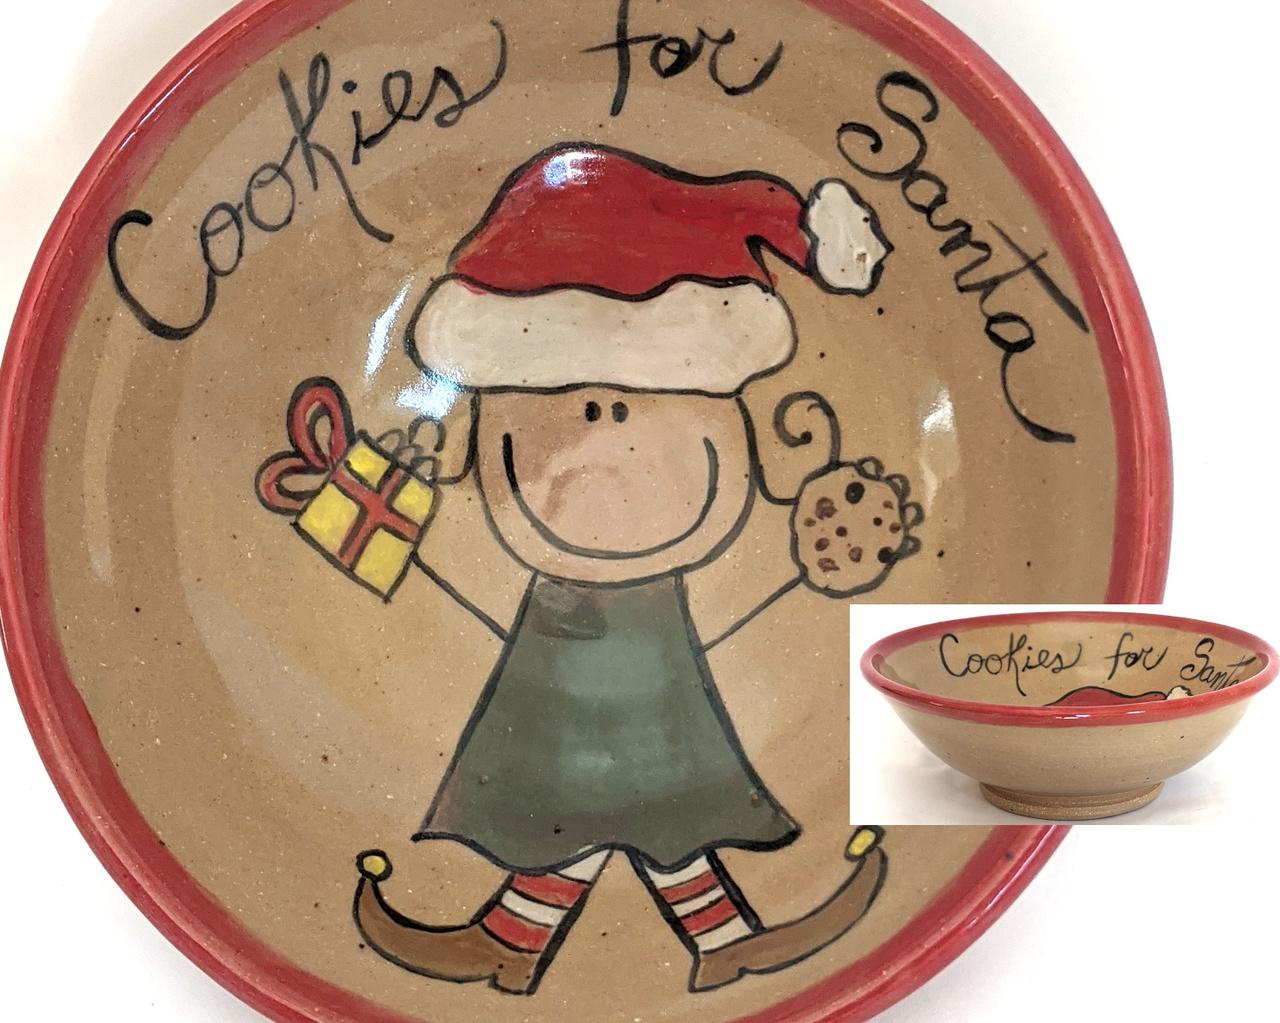 Cookies for Santa Bowl